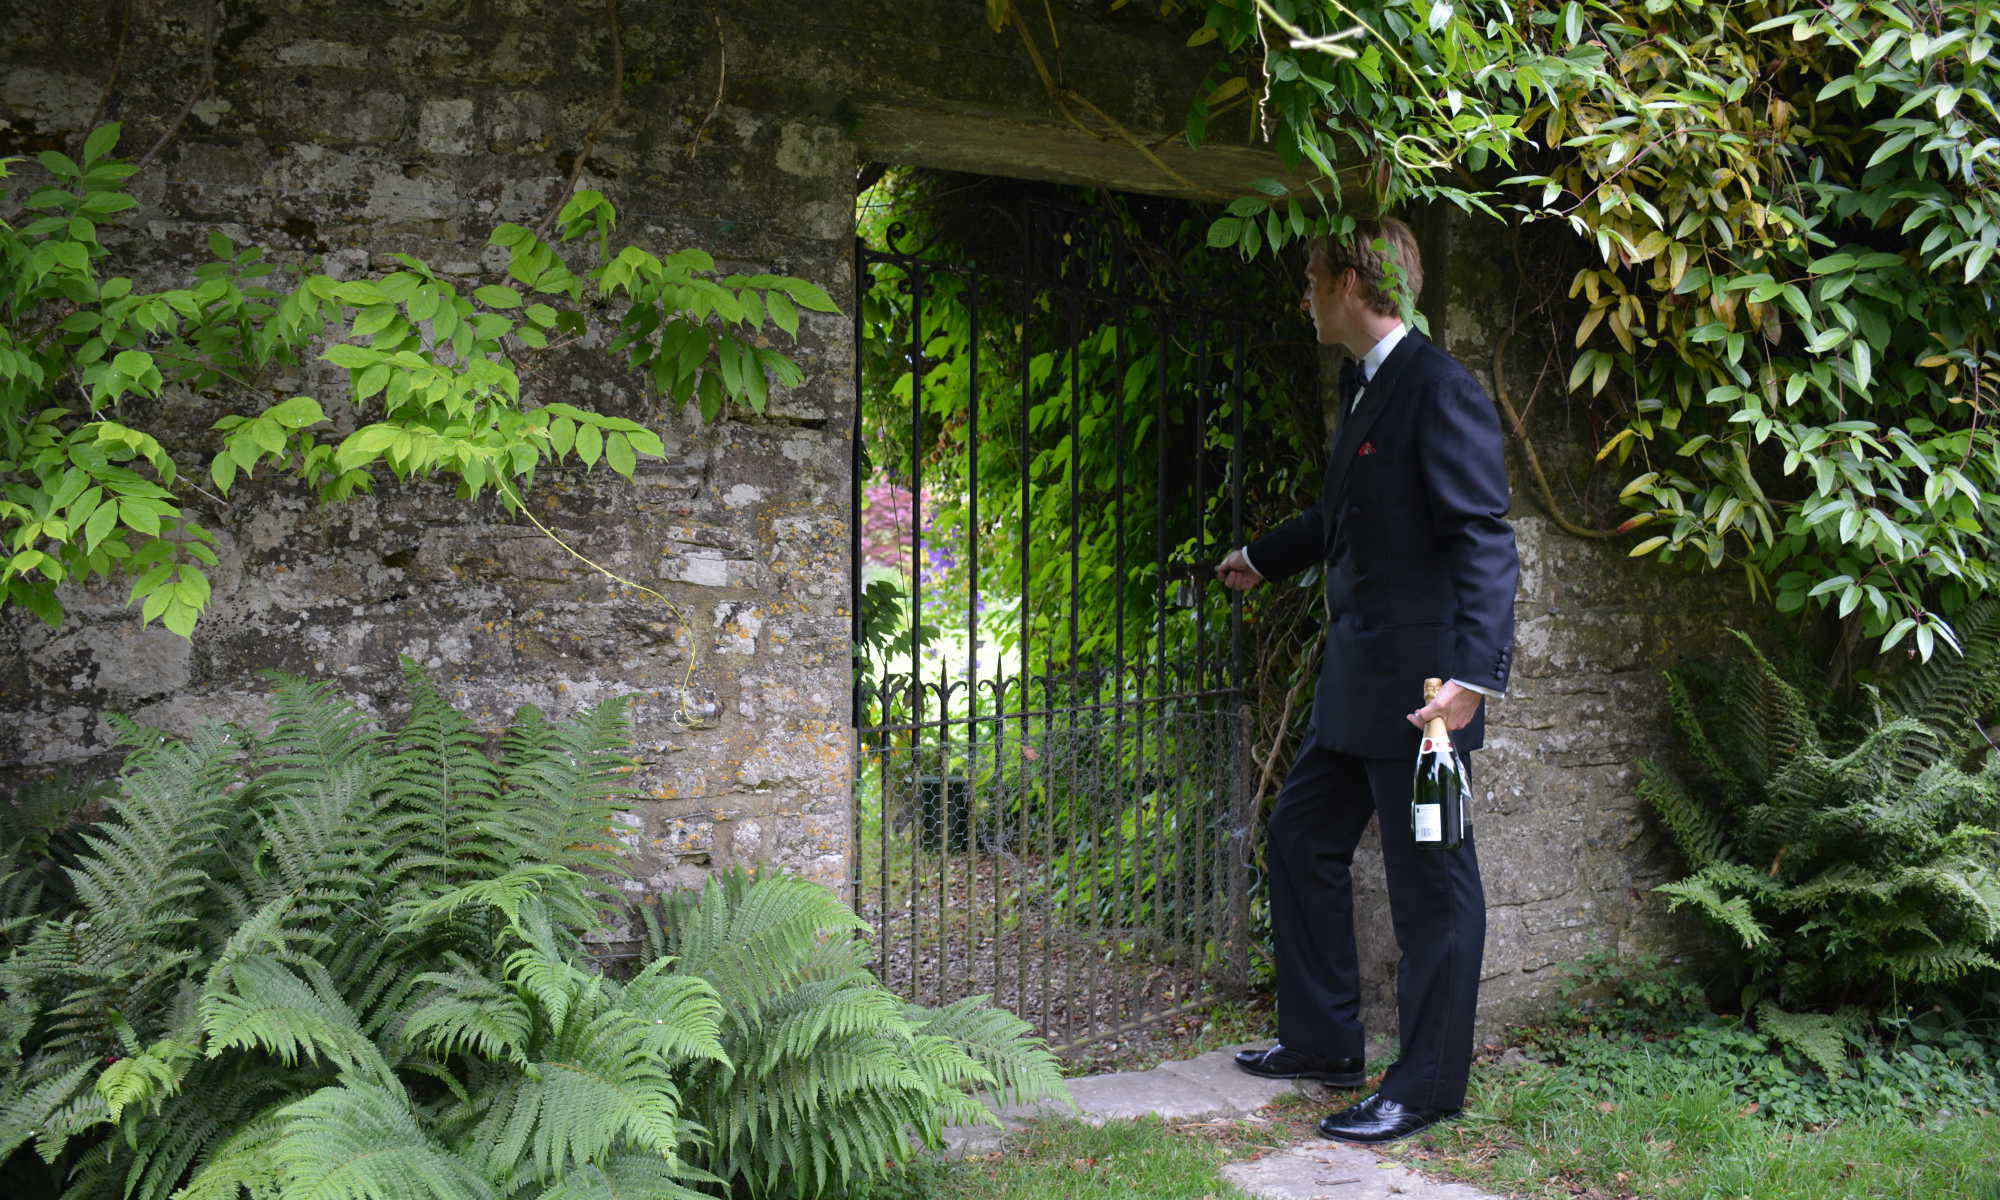 Buchanan & Wilmot - black tie garden - British made luxury cufflinks, gifts for men and women